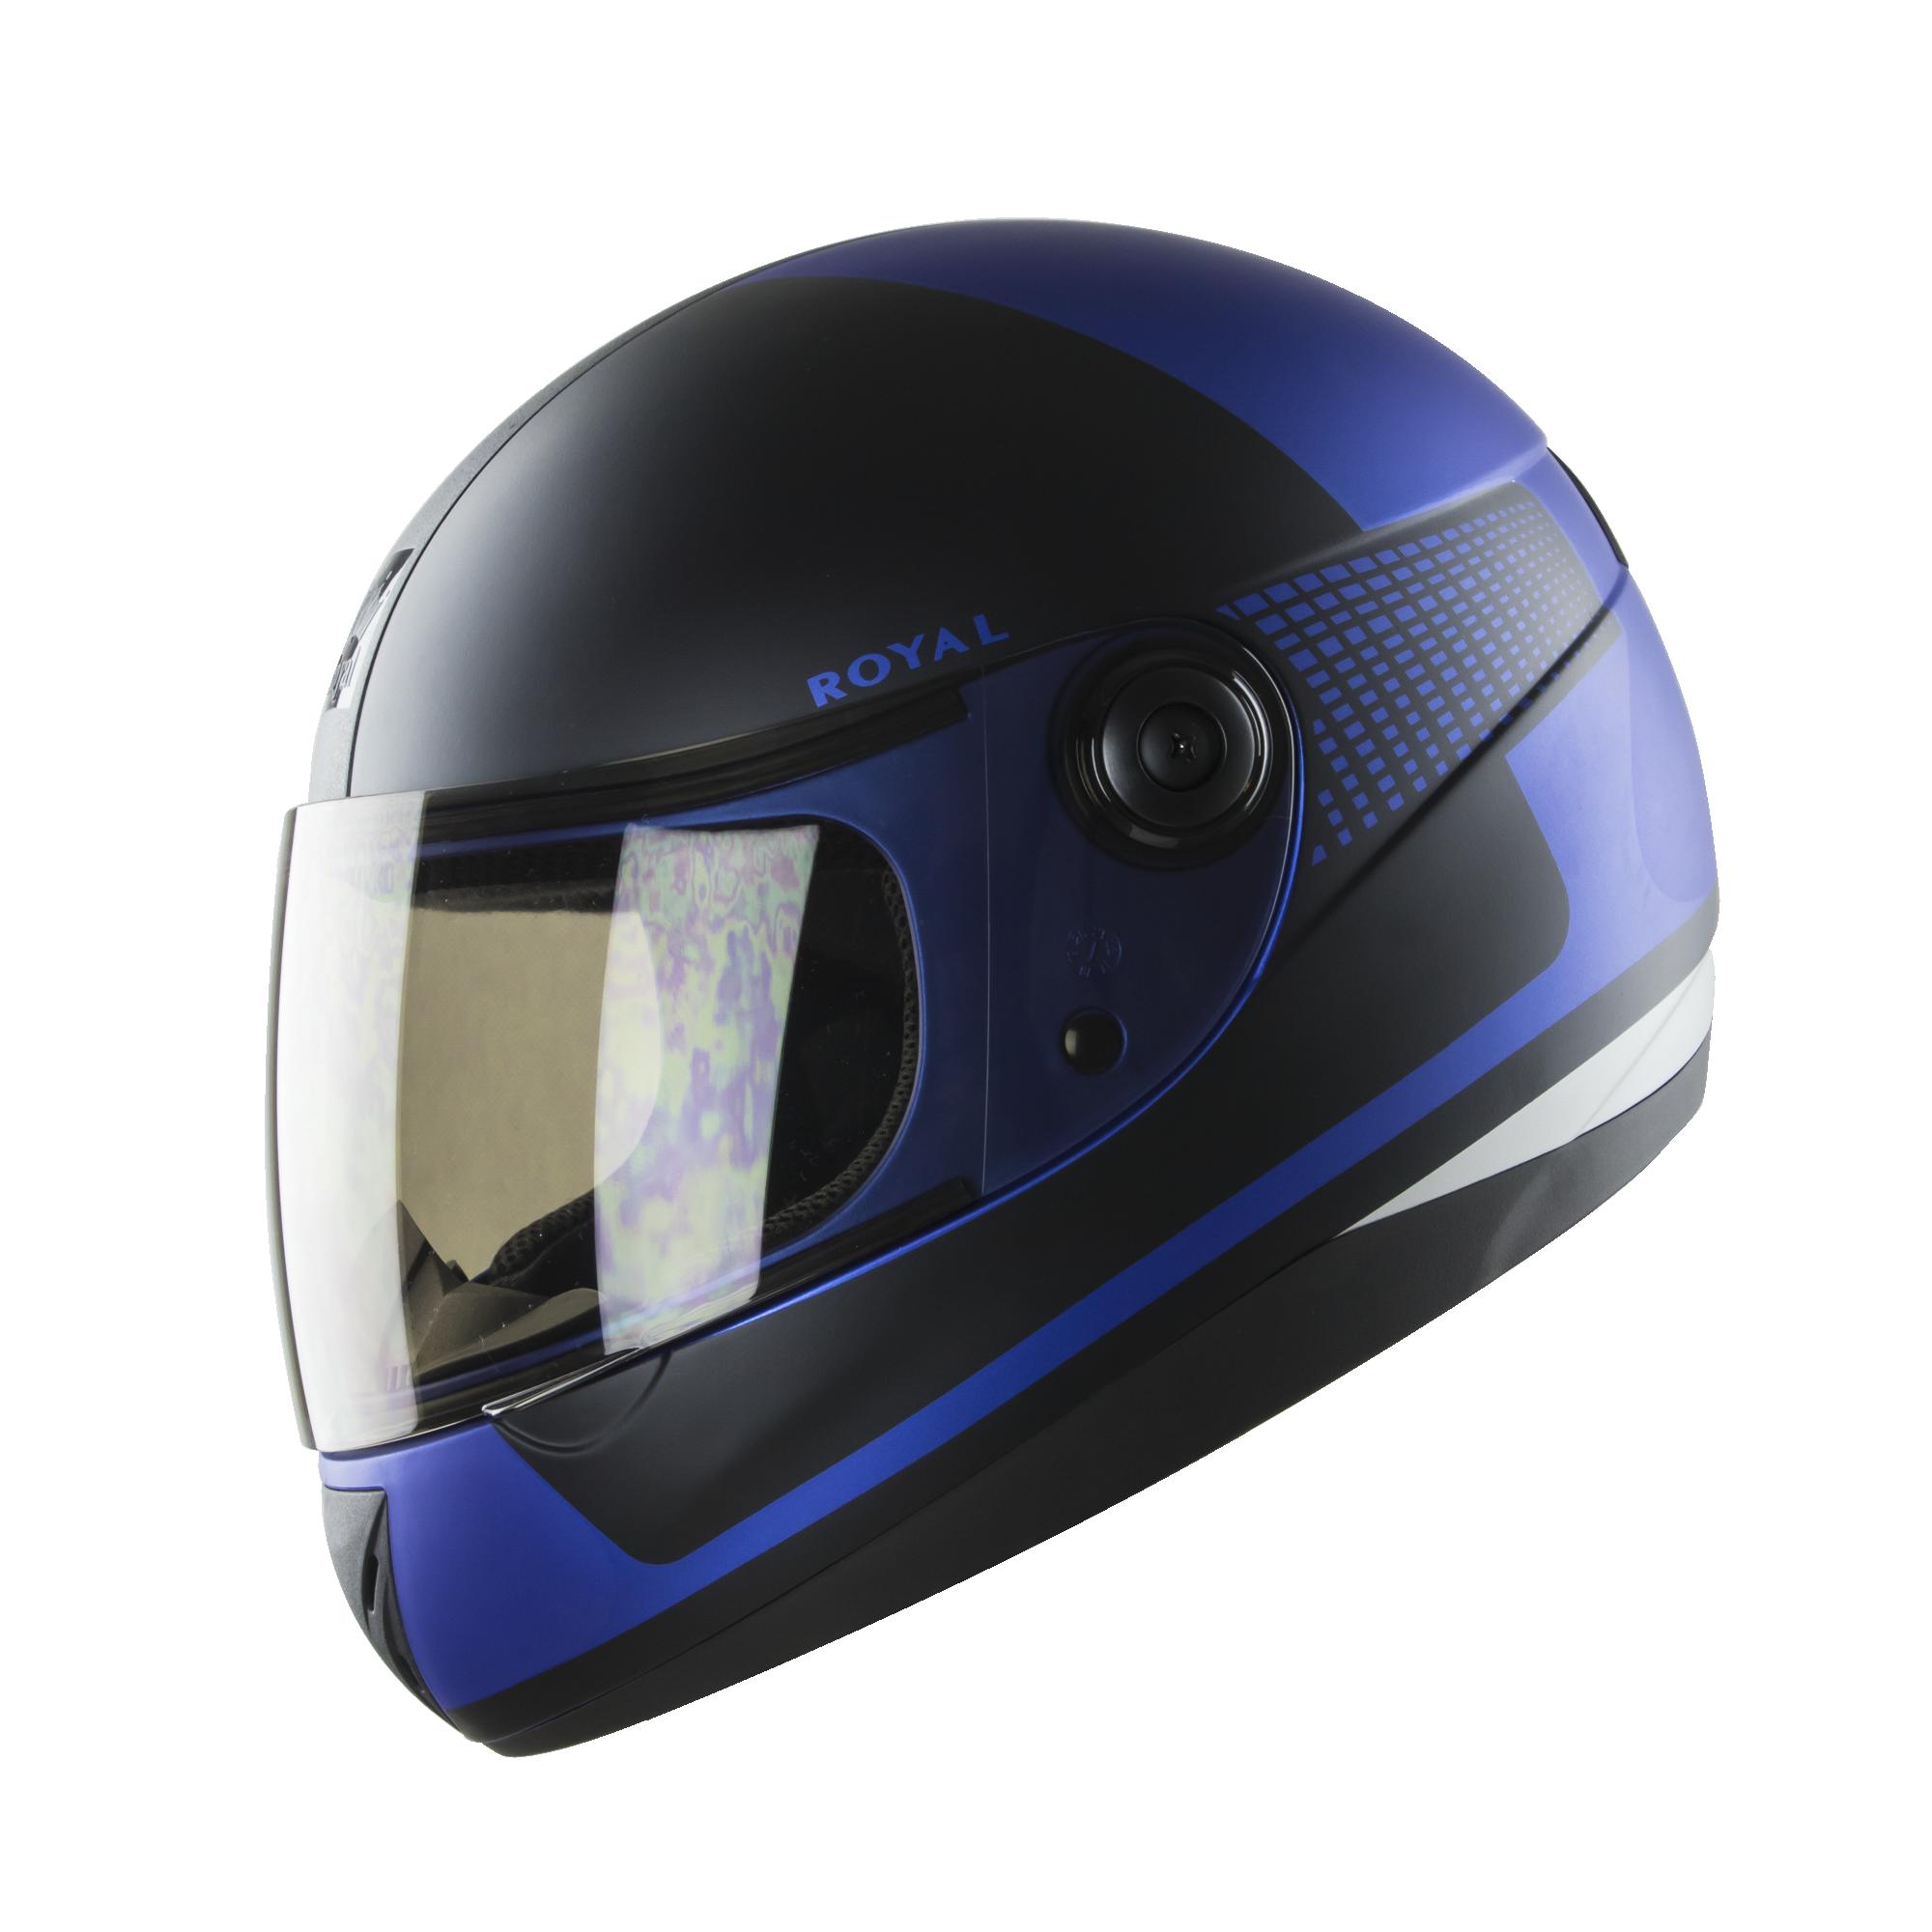 Royal M02 V.1 xanh đen mờ